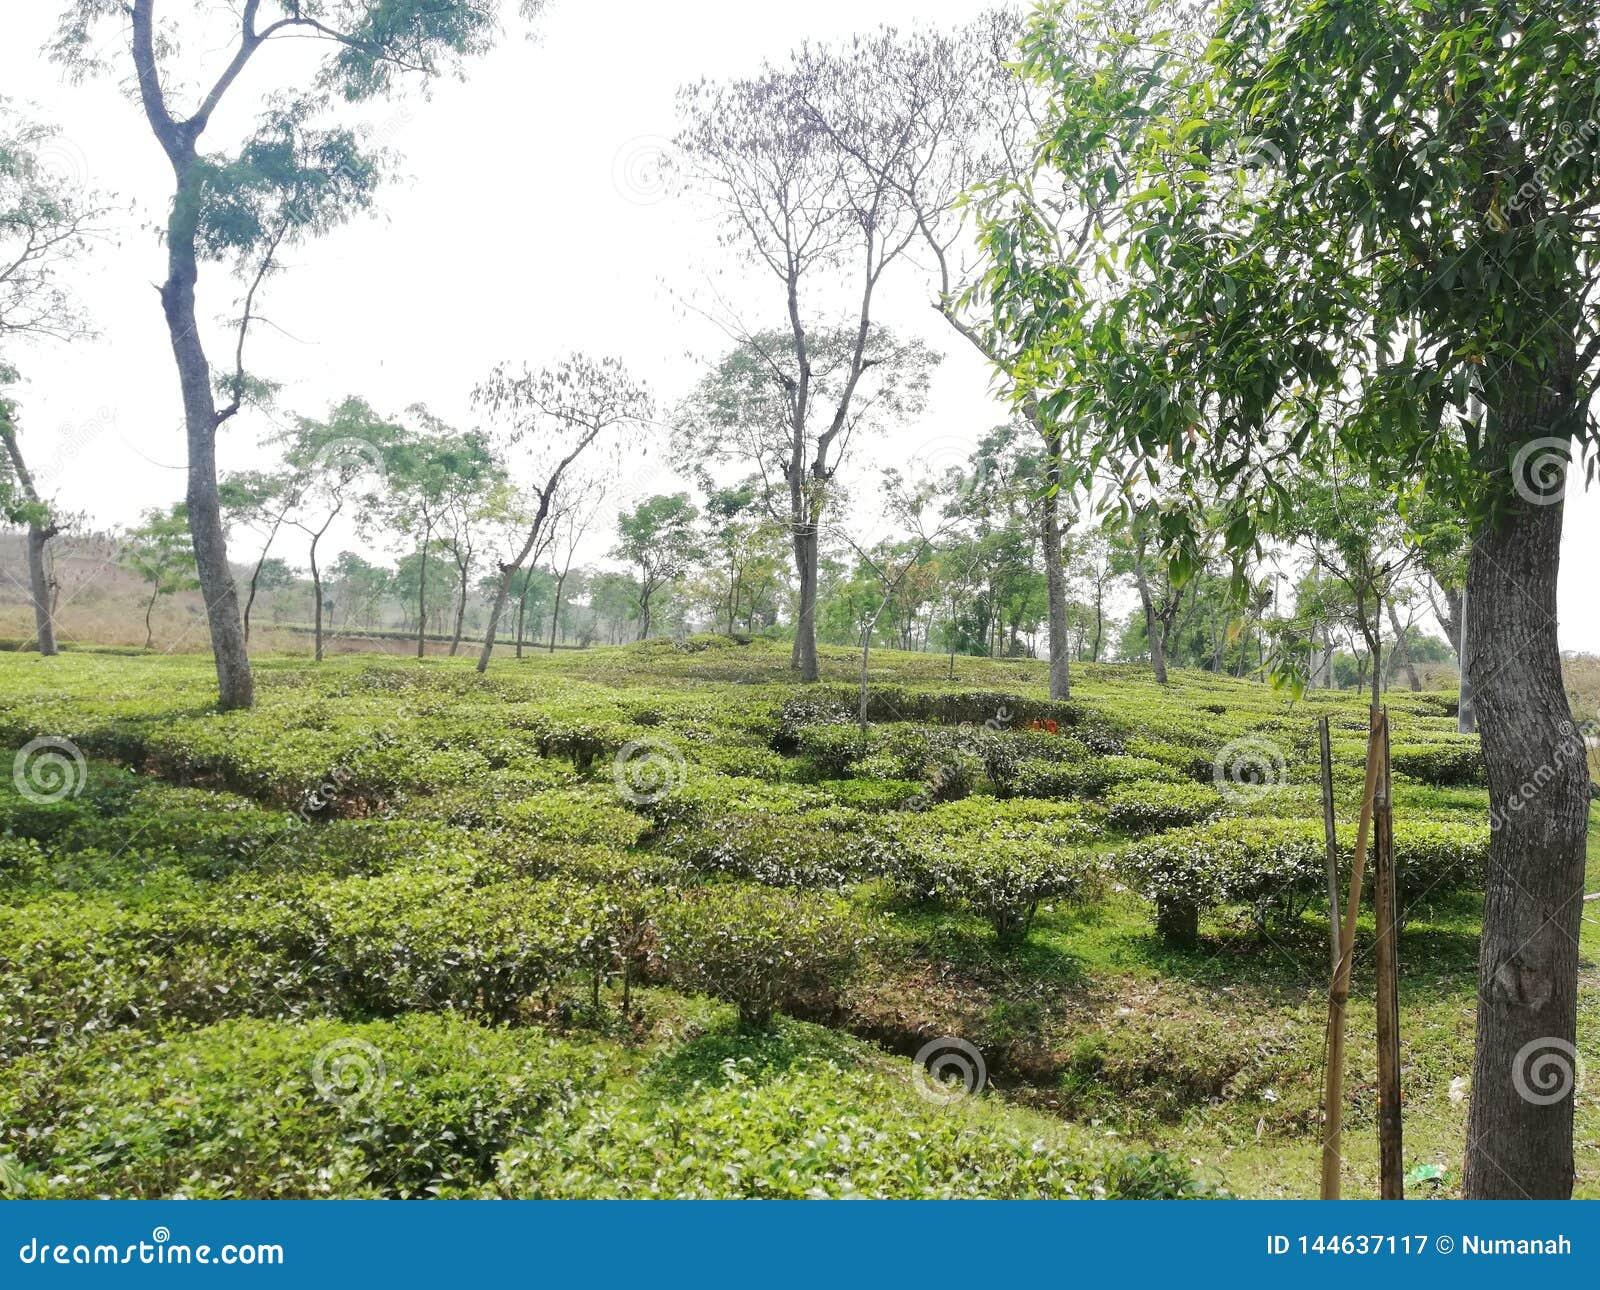 Tea garden picture